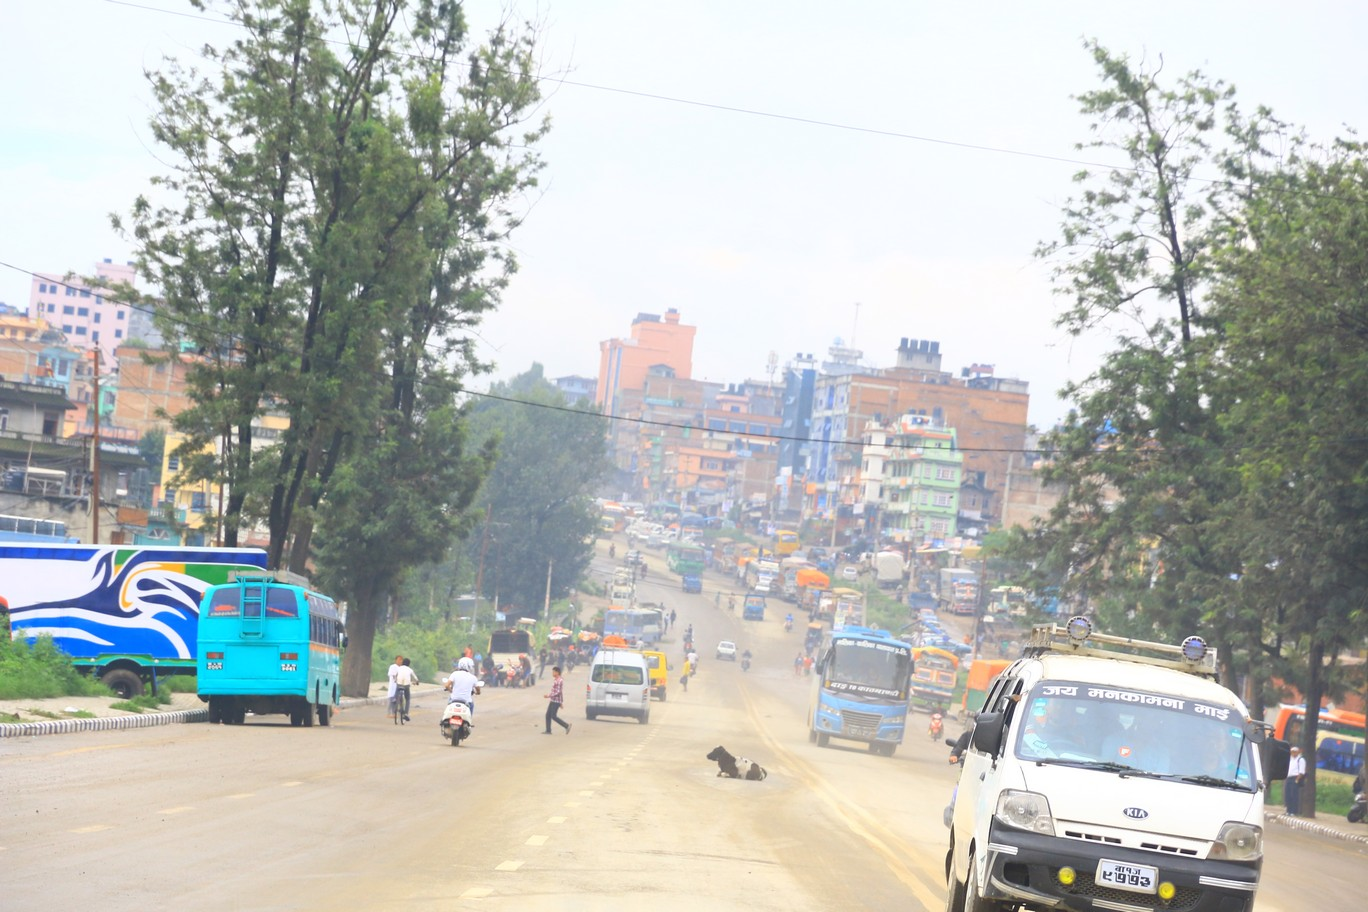 Kühe in mitten der Straße in Kathmandu - keine Seltenheit